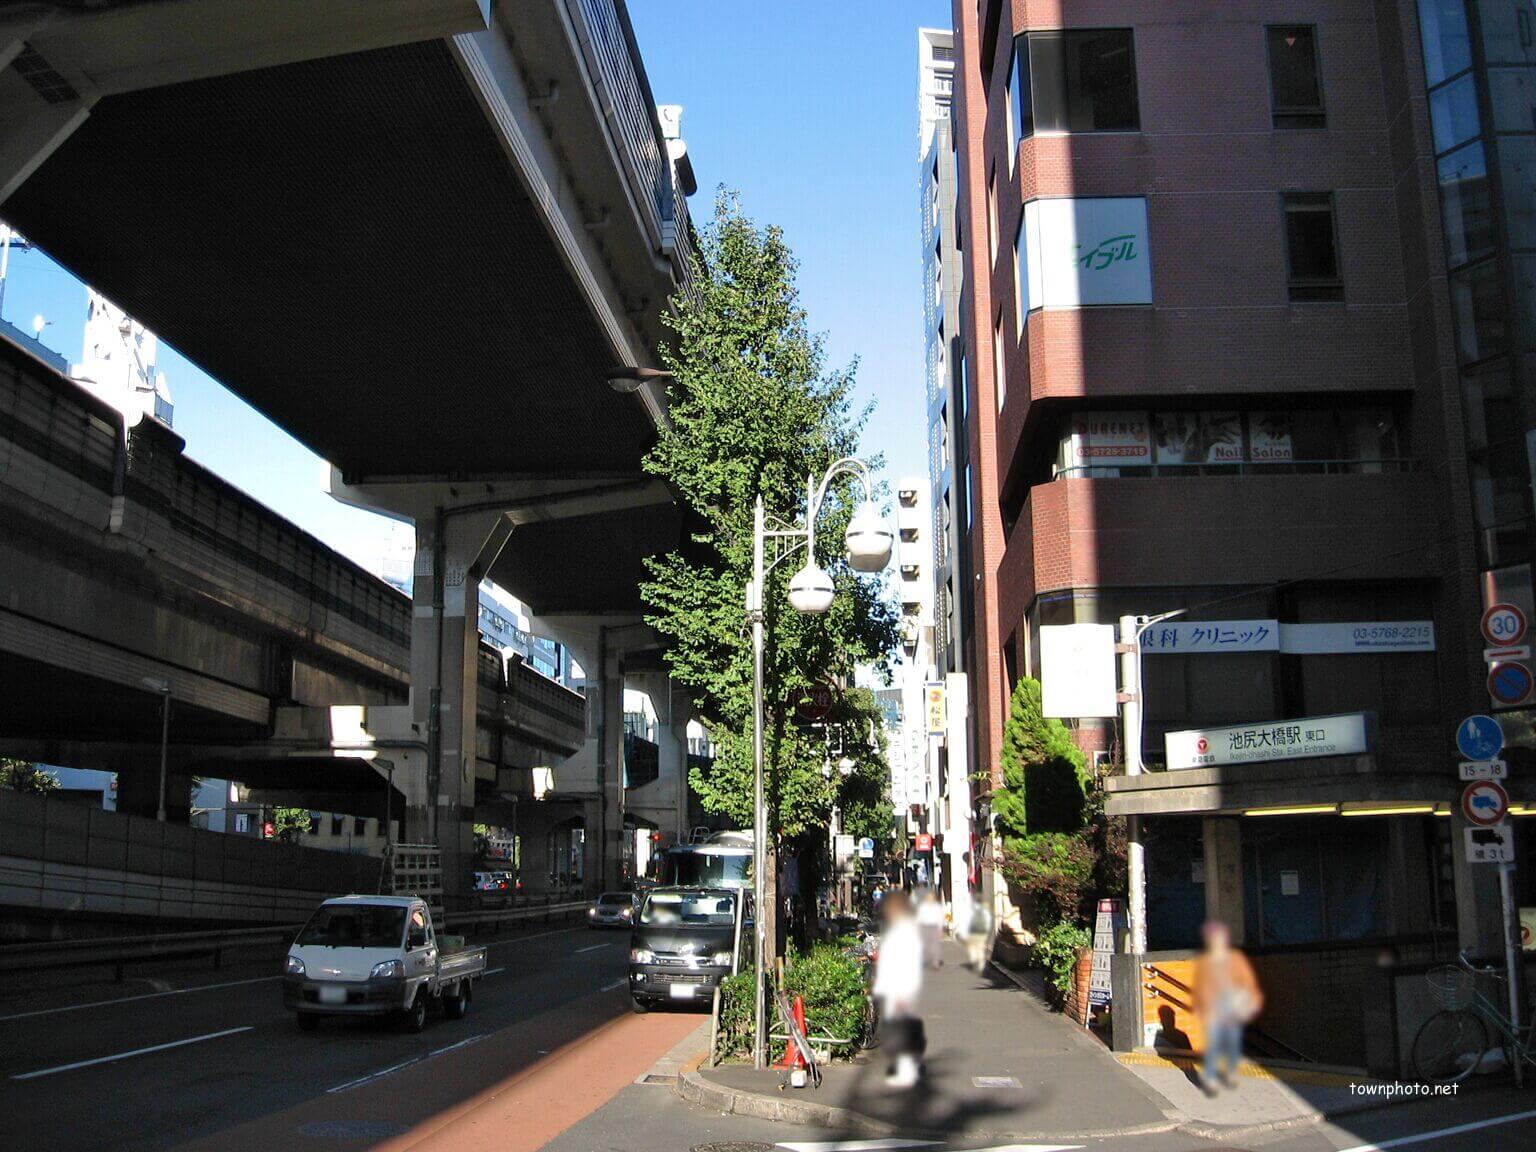 池尻大橋(世田谷区)で居抜きで飲食店を開業するための街情報